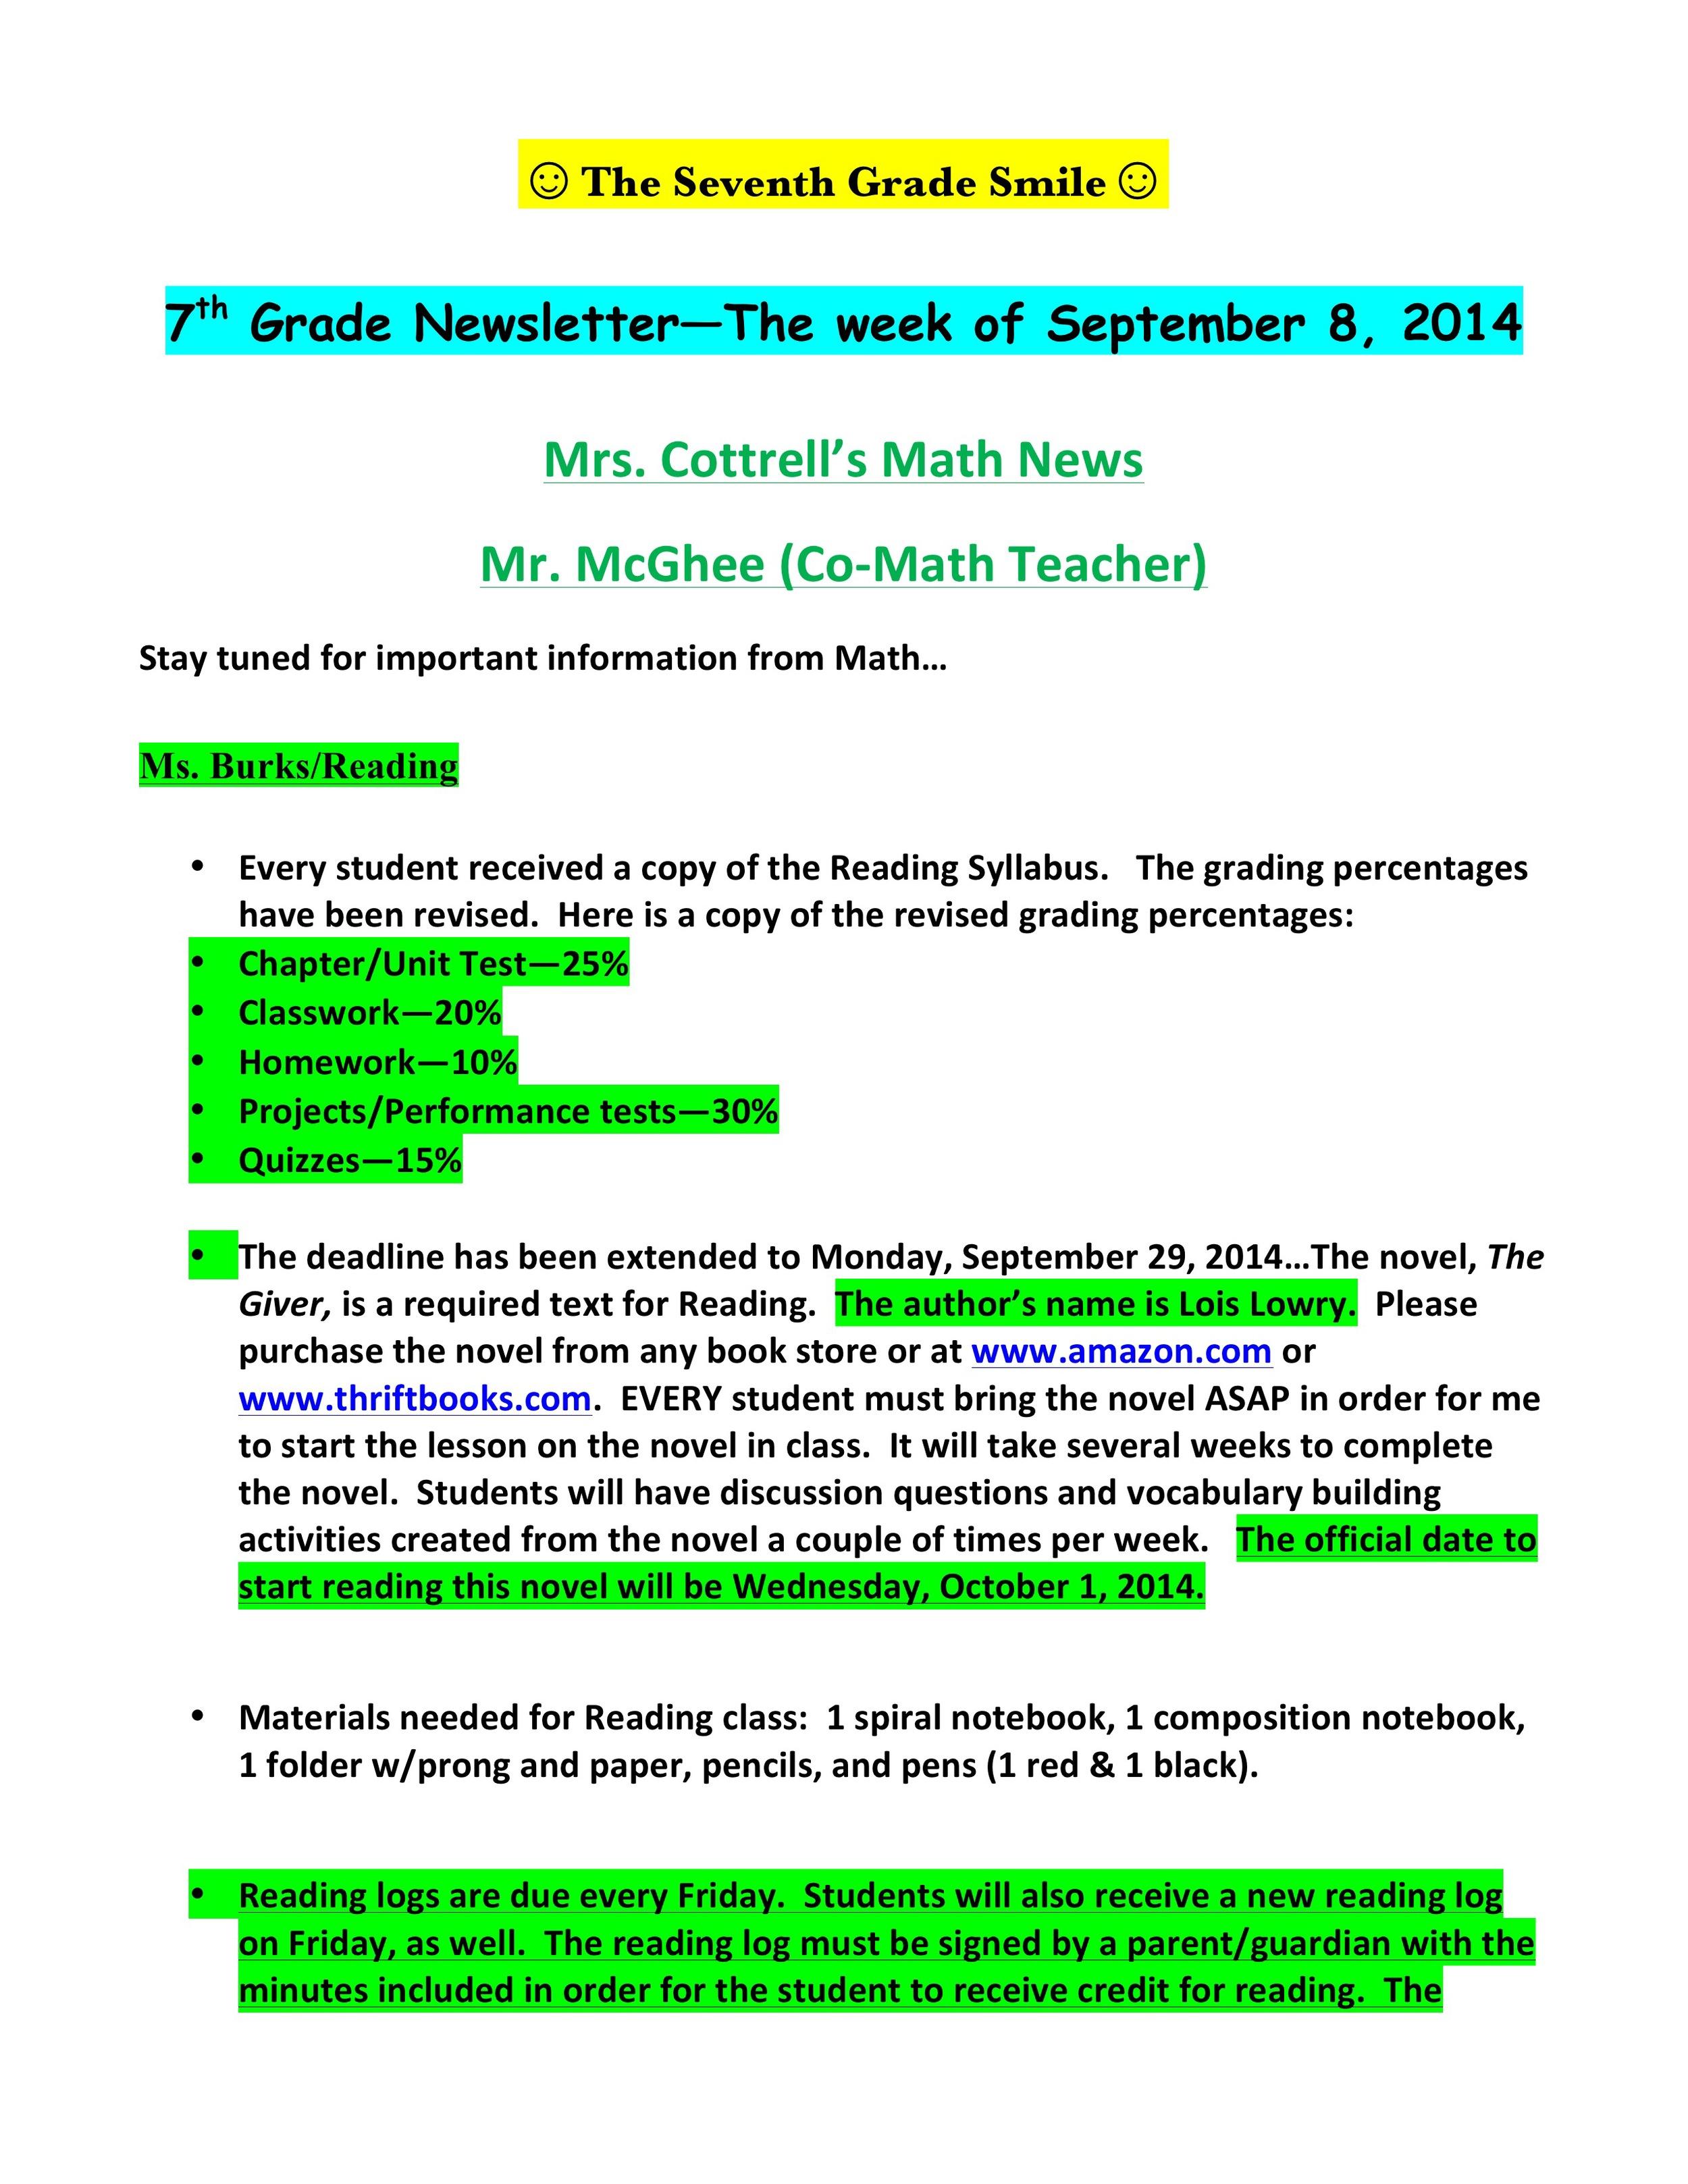 Newsletter Image7th grade sept 8-12 2014.jpeg